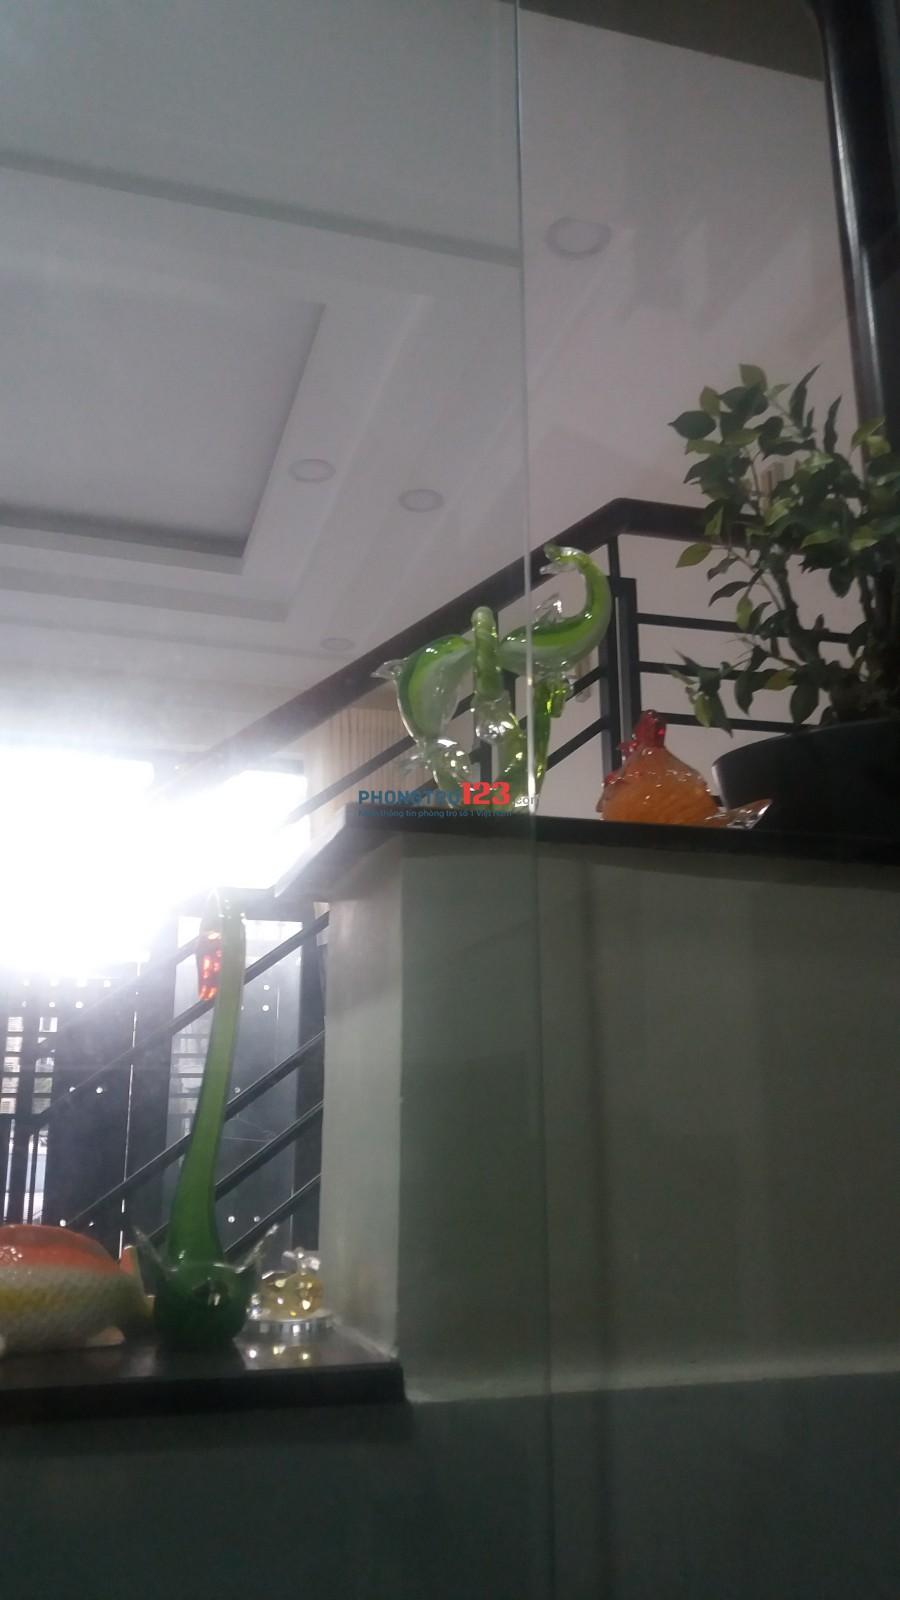 Phòng cao cấp, trung tâm Quận Phú Nhuận, khu dân cư an ninh, yên tĩnh